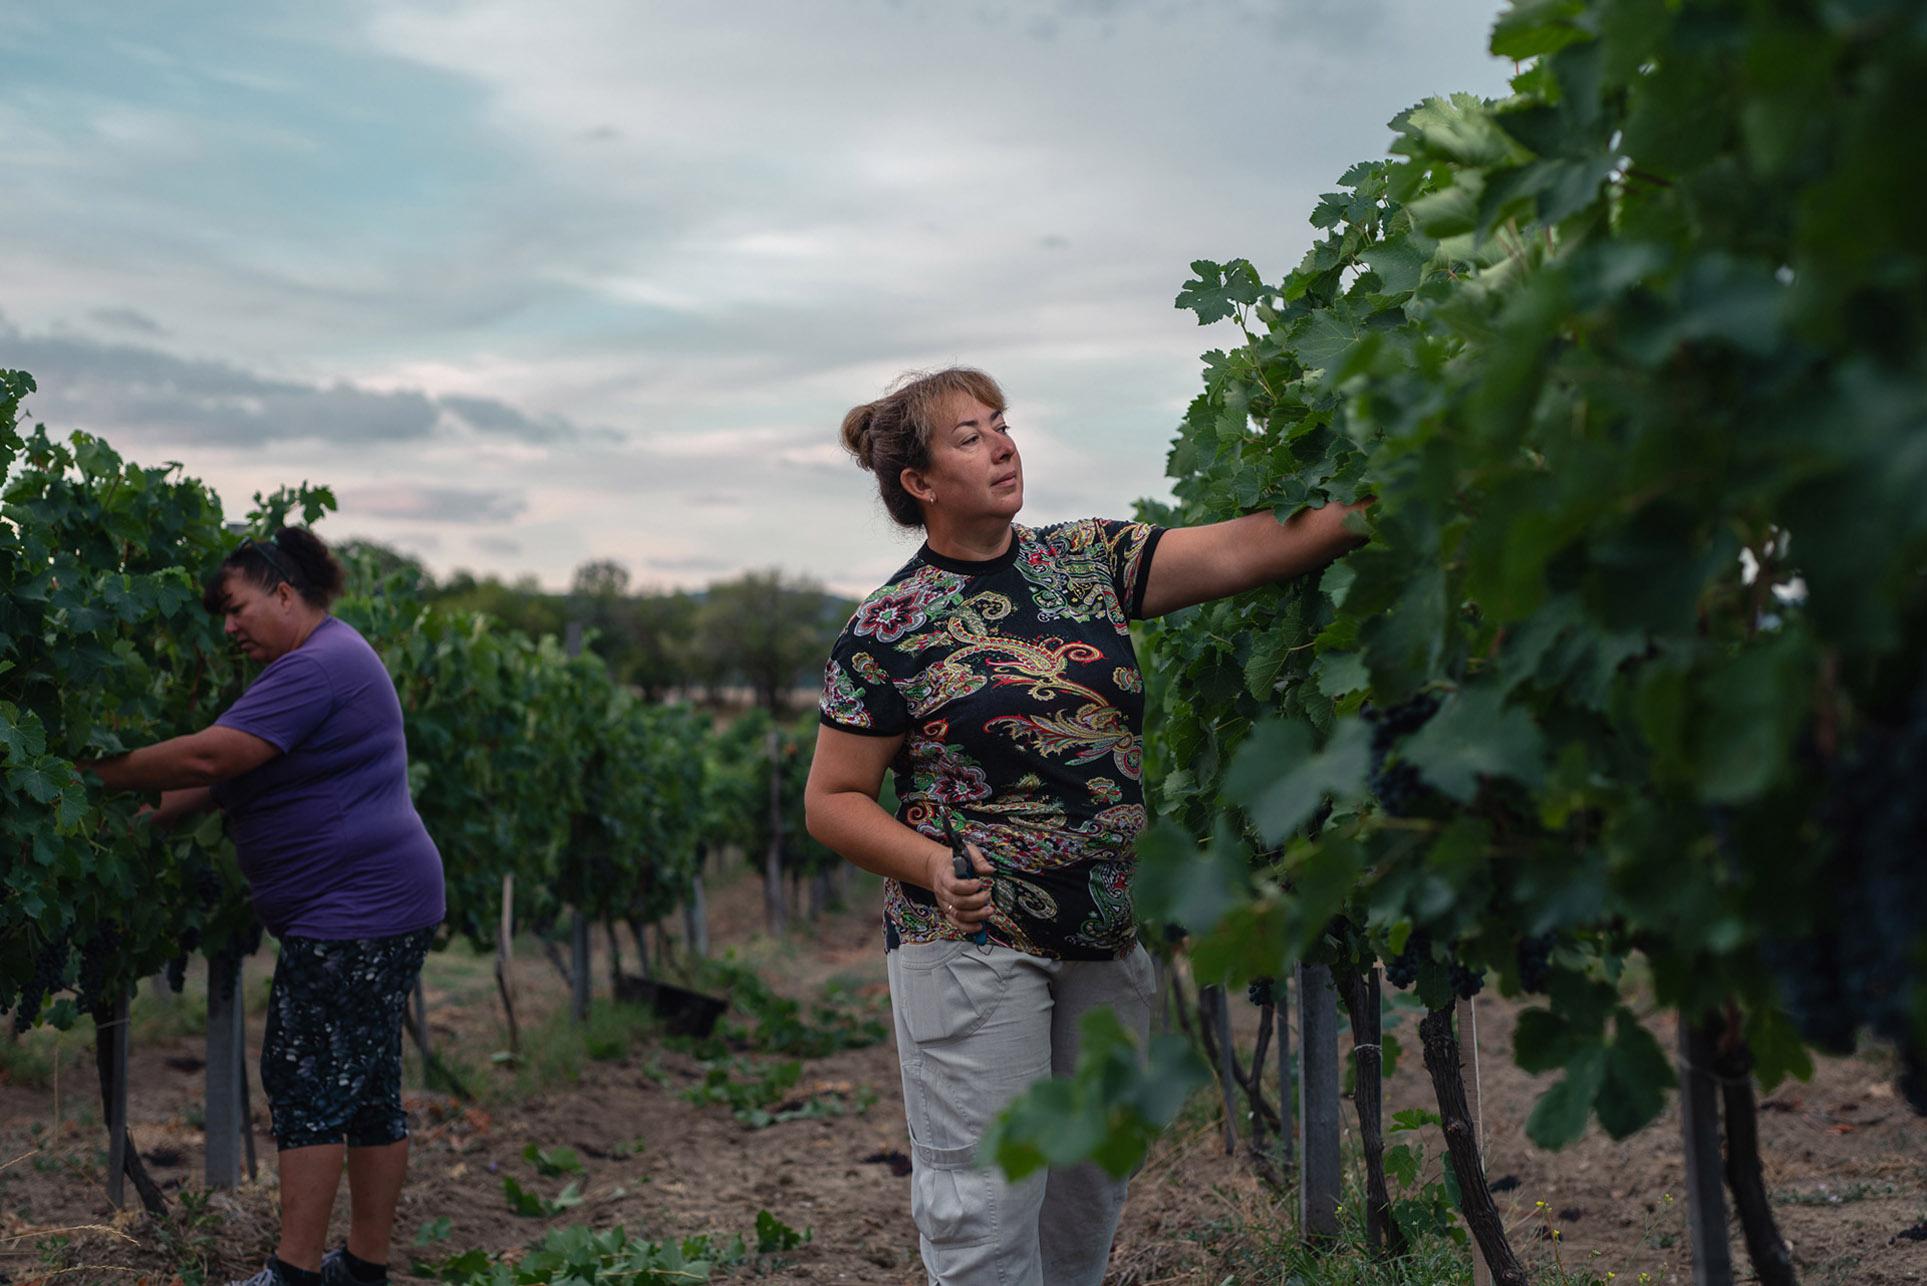 виноделы - сбор урожая и изготовление вина / фото 09